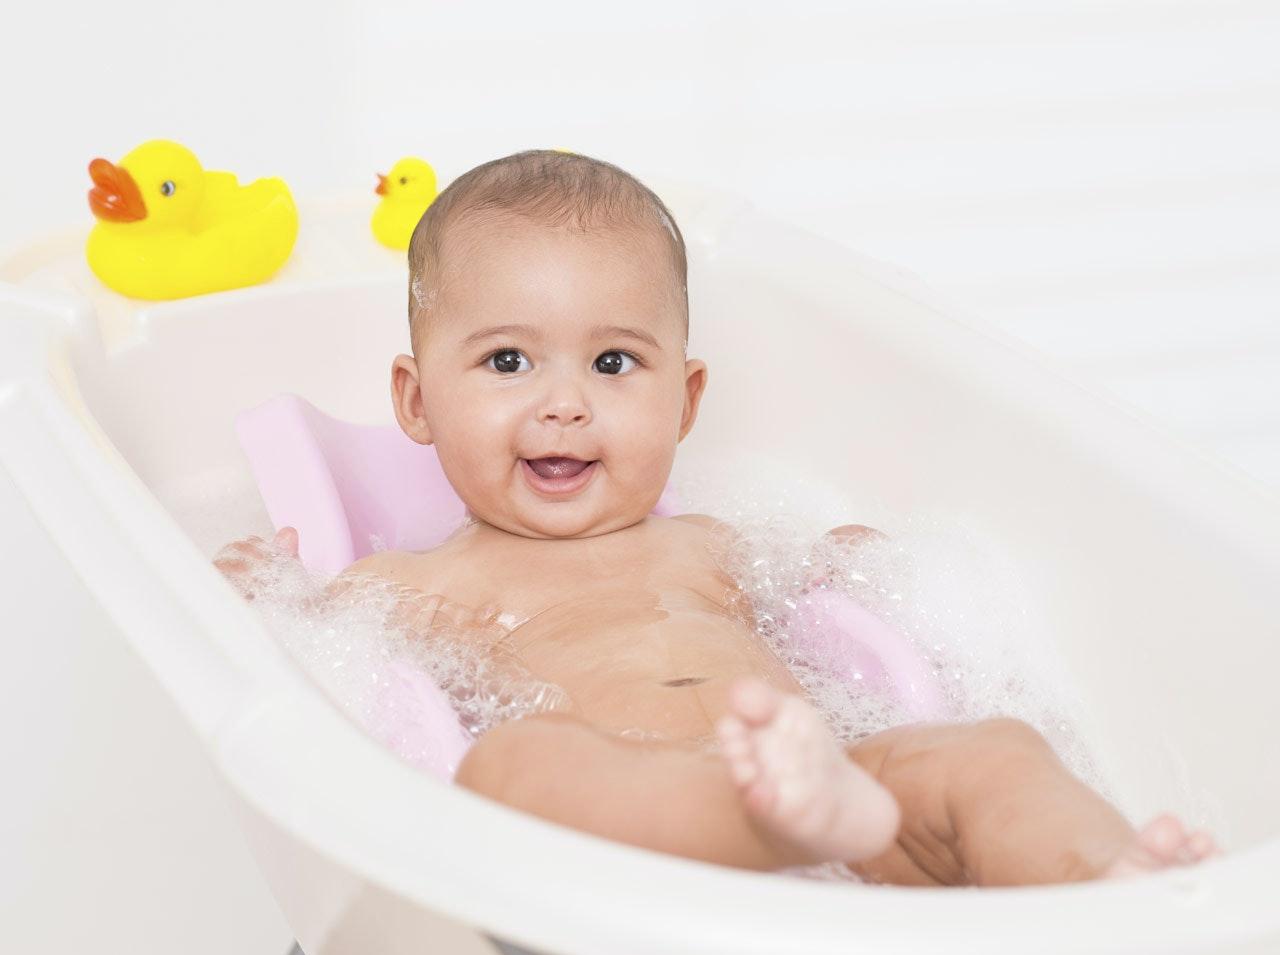 Toilette de b b bien choisir le mat riel d 39 hygi ne de son b b - Comment choisir le matelas de bebe ...